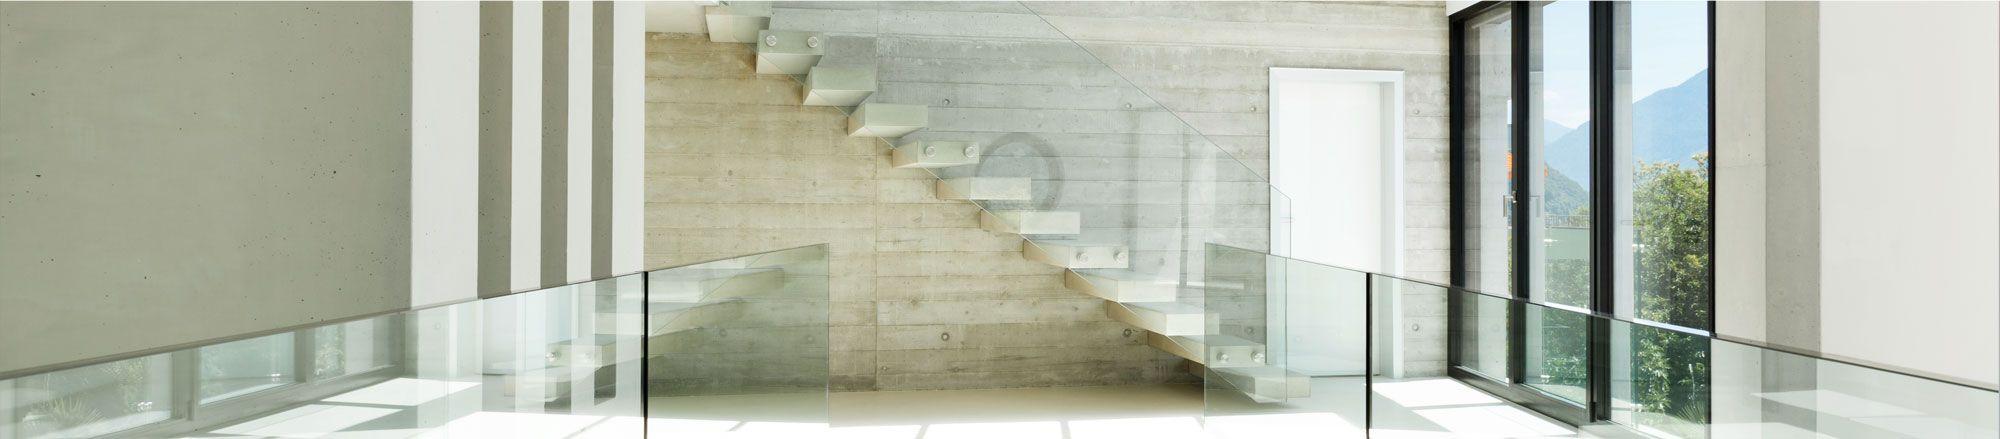 treppenrenovierung in ingolstadt und umgebung von haiek. Black Bedroom Furniture Sets. Home Design Ideas